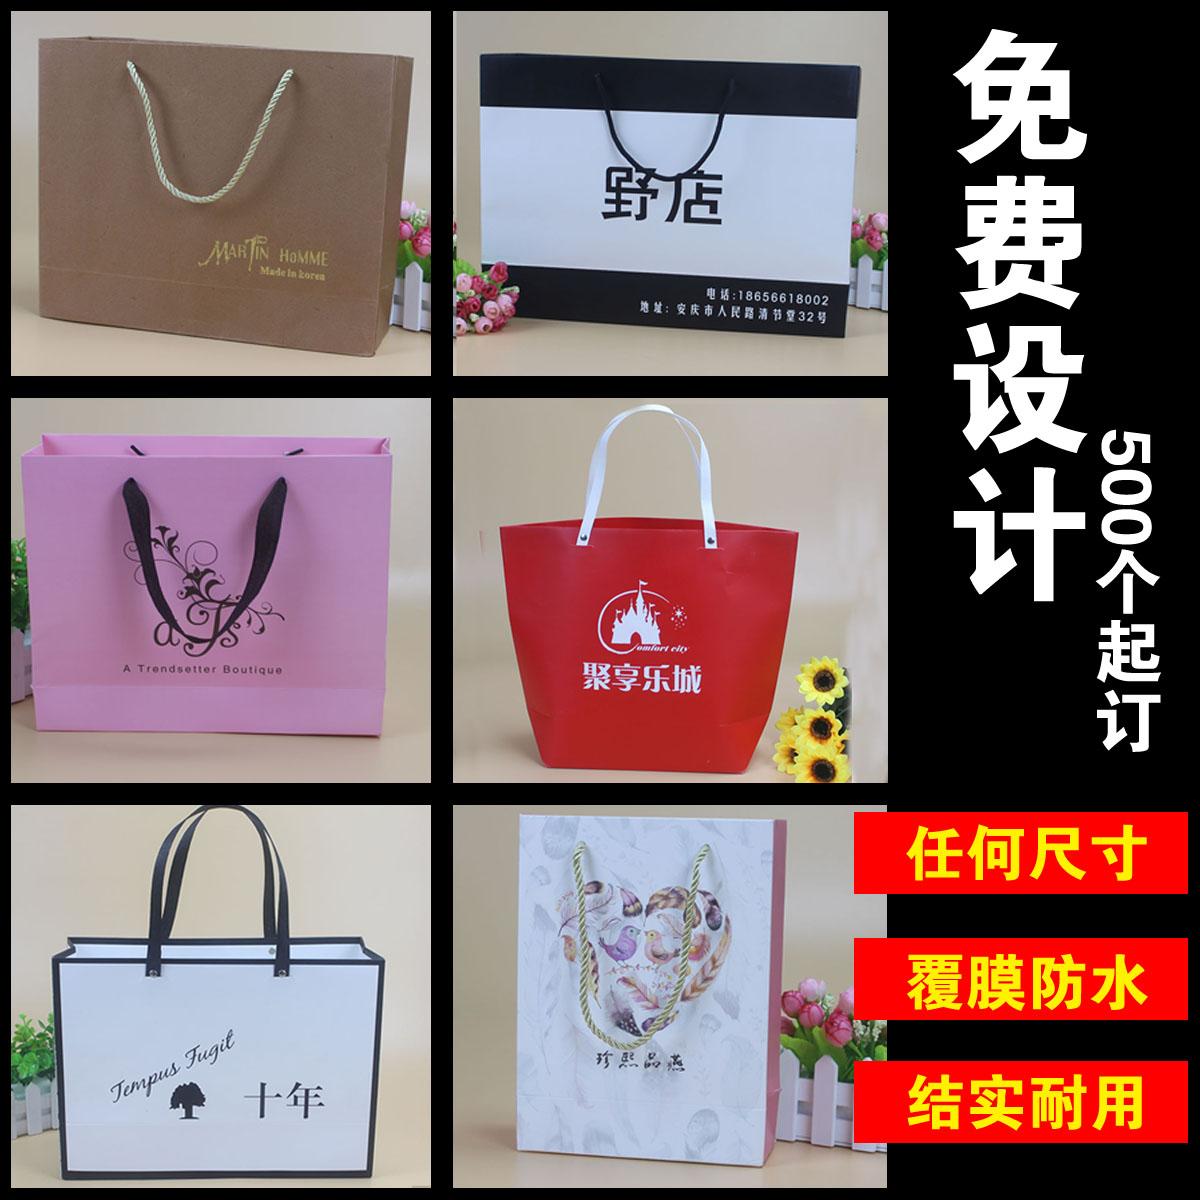 男女儿童服装袋 手提纸袋 购物袋定做 化妆饰品牛皮纸袋 订做logo